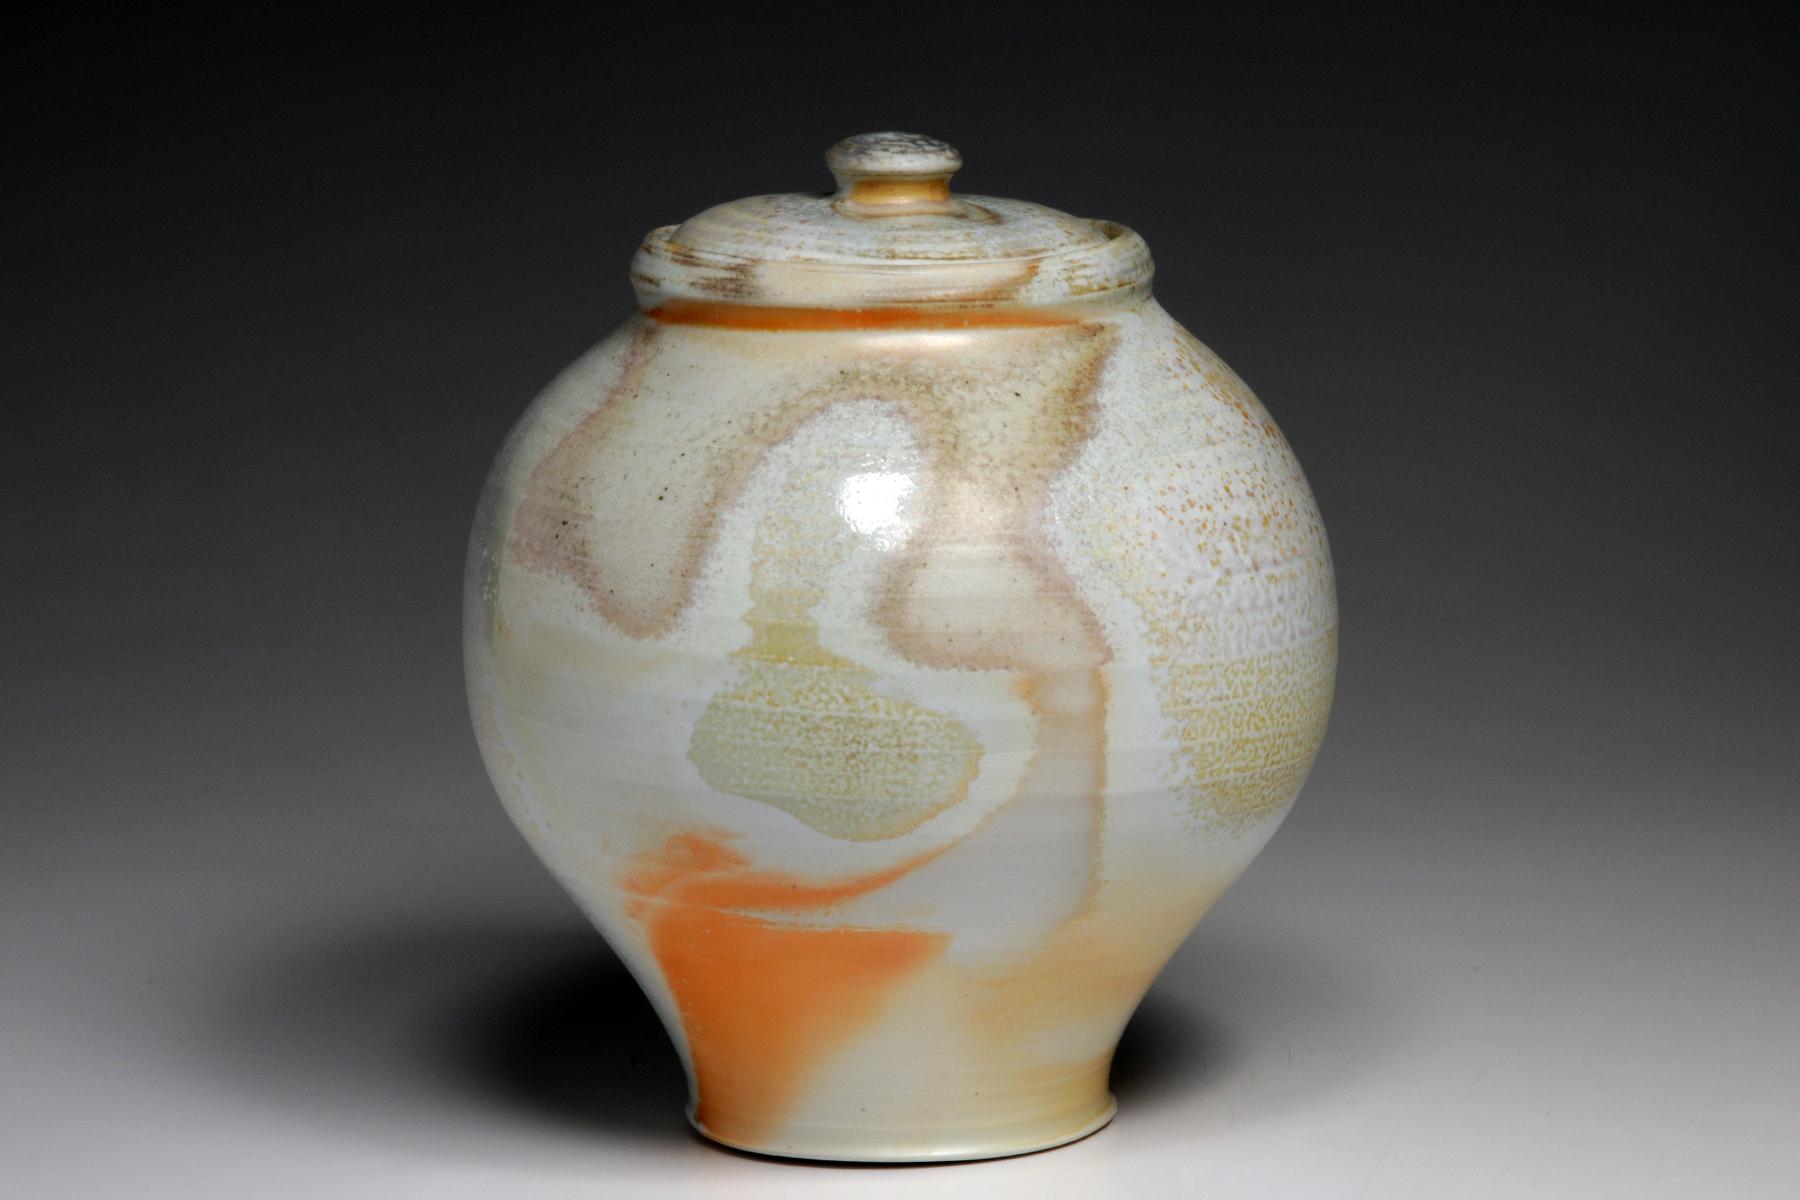 wood fired porcelain jar.